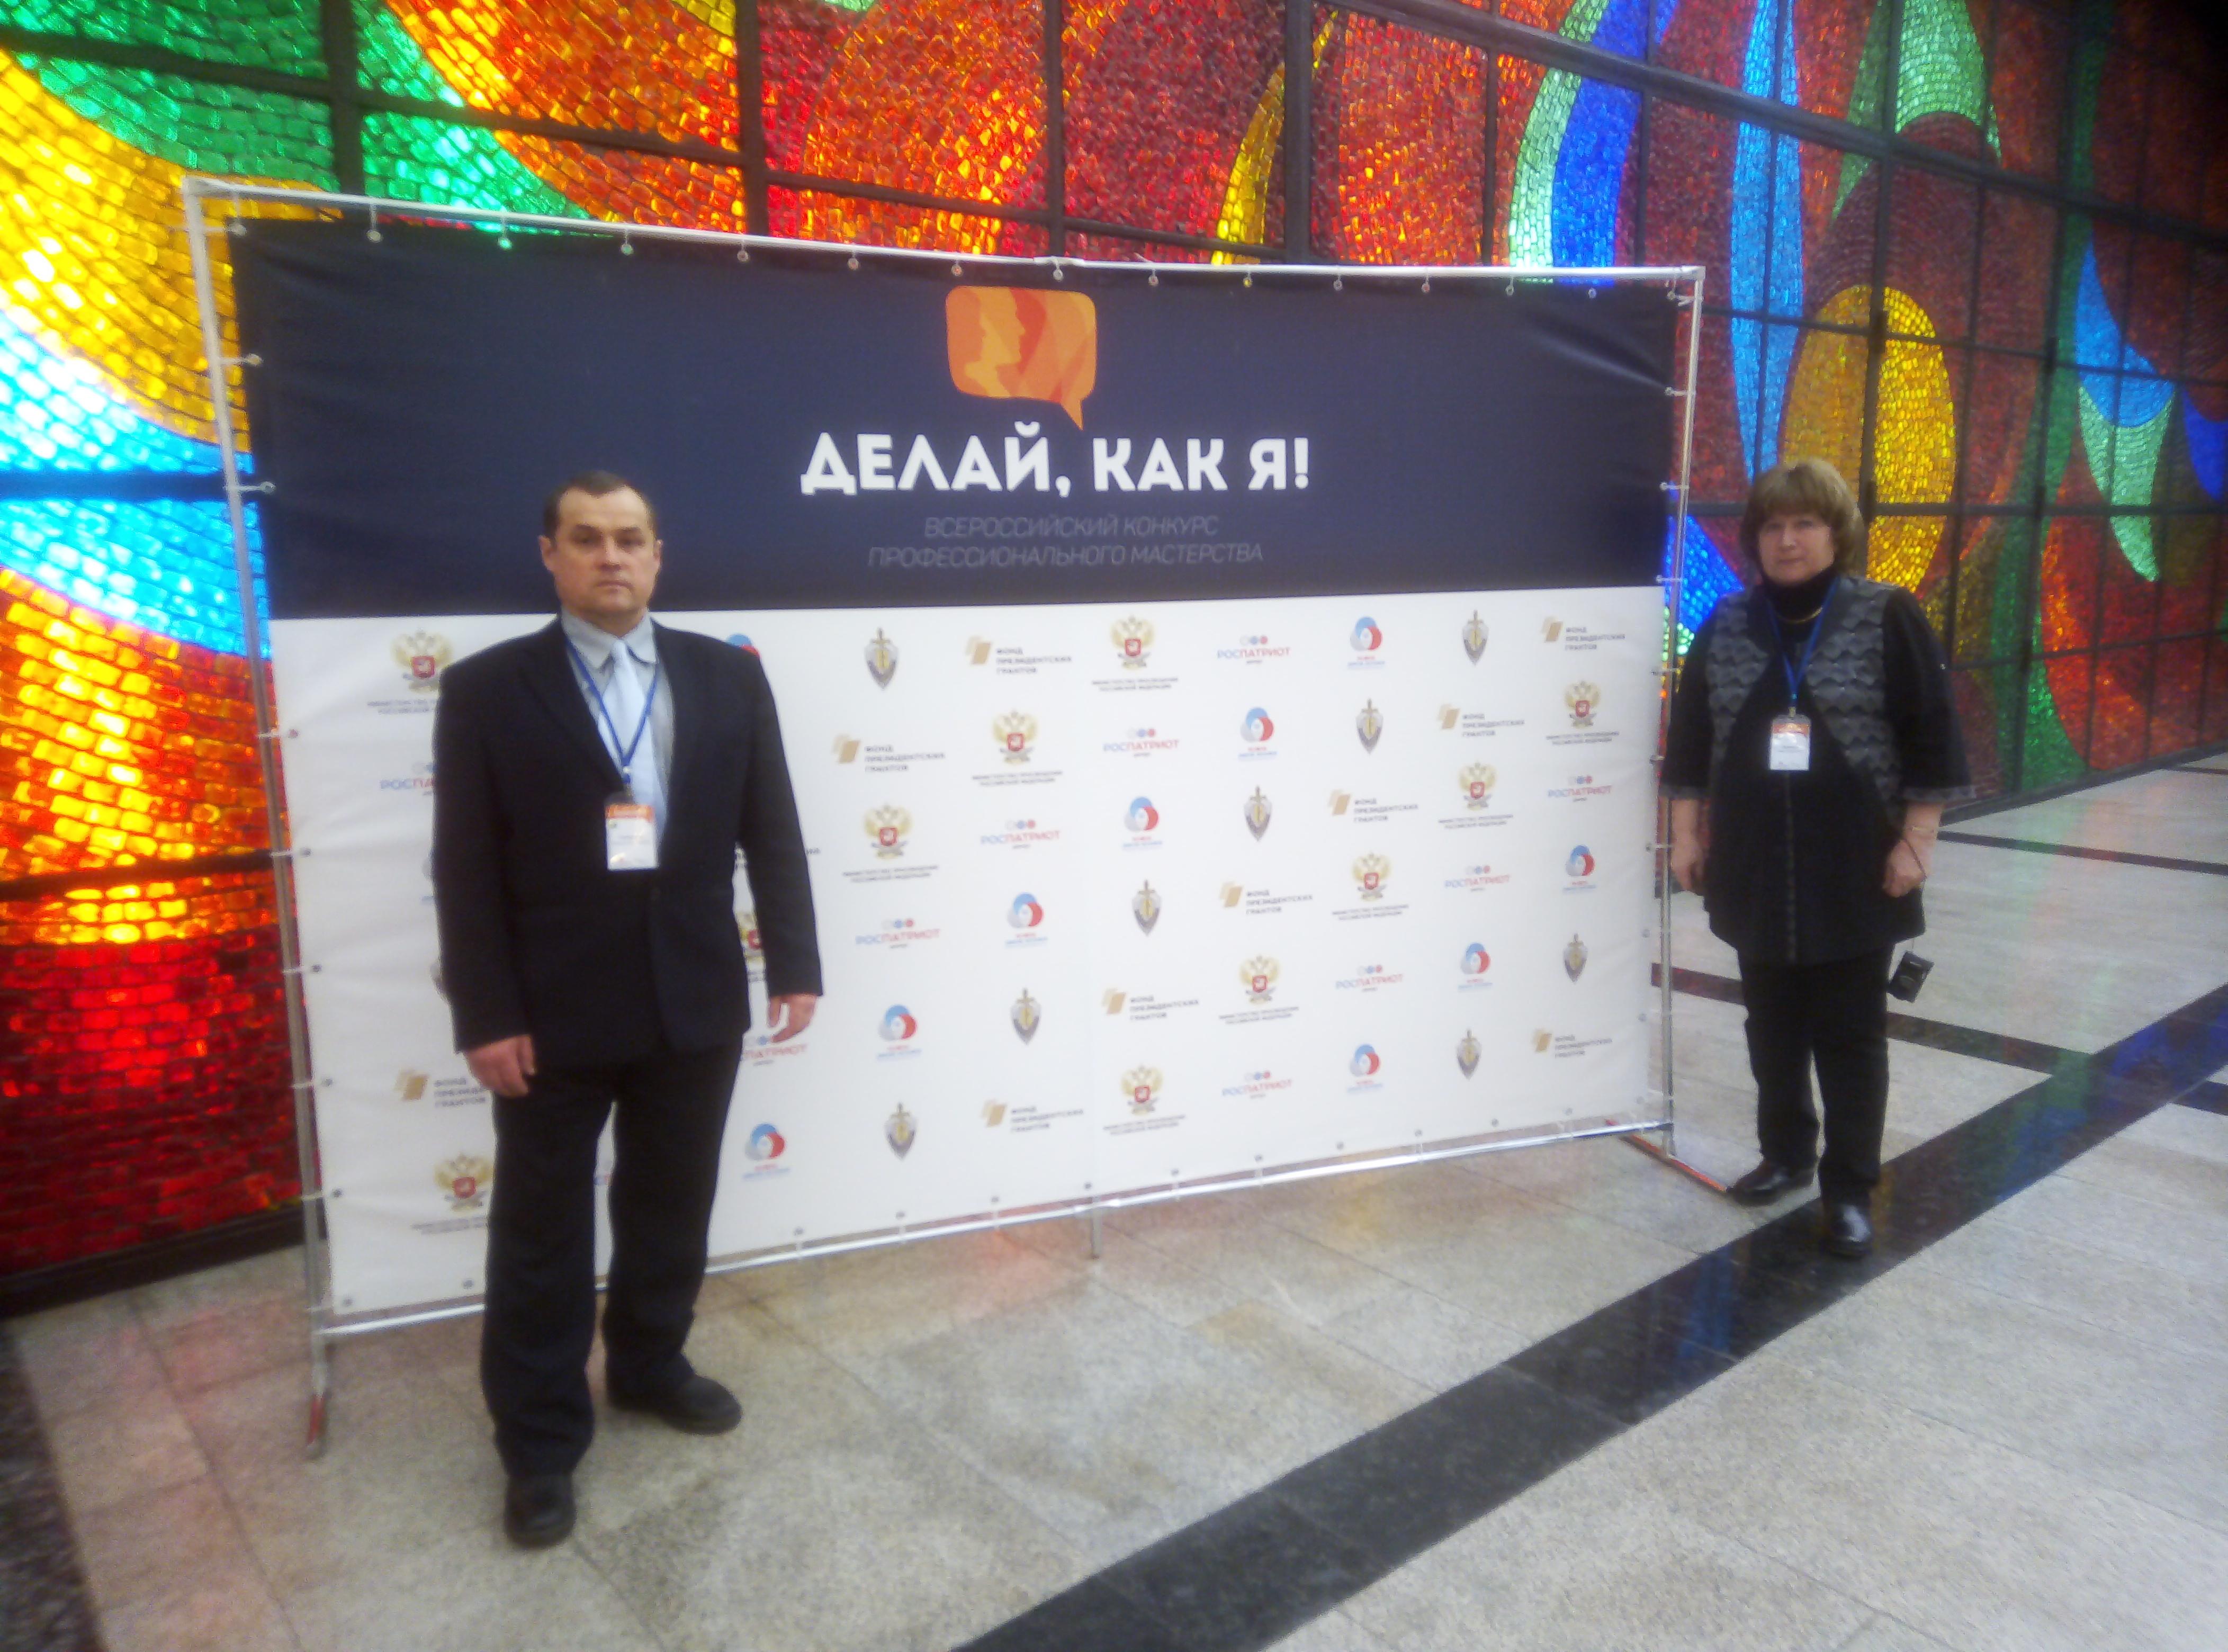 Финалисты Всероссийского конкурса «Делай, как я!» в г. Москва   в  номинации «Лучший руководитель военно-патриотического клуба